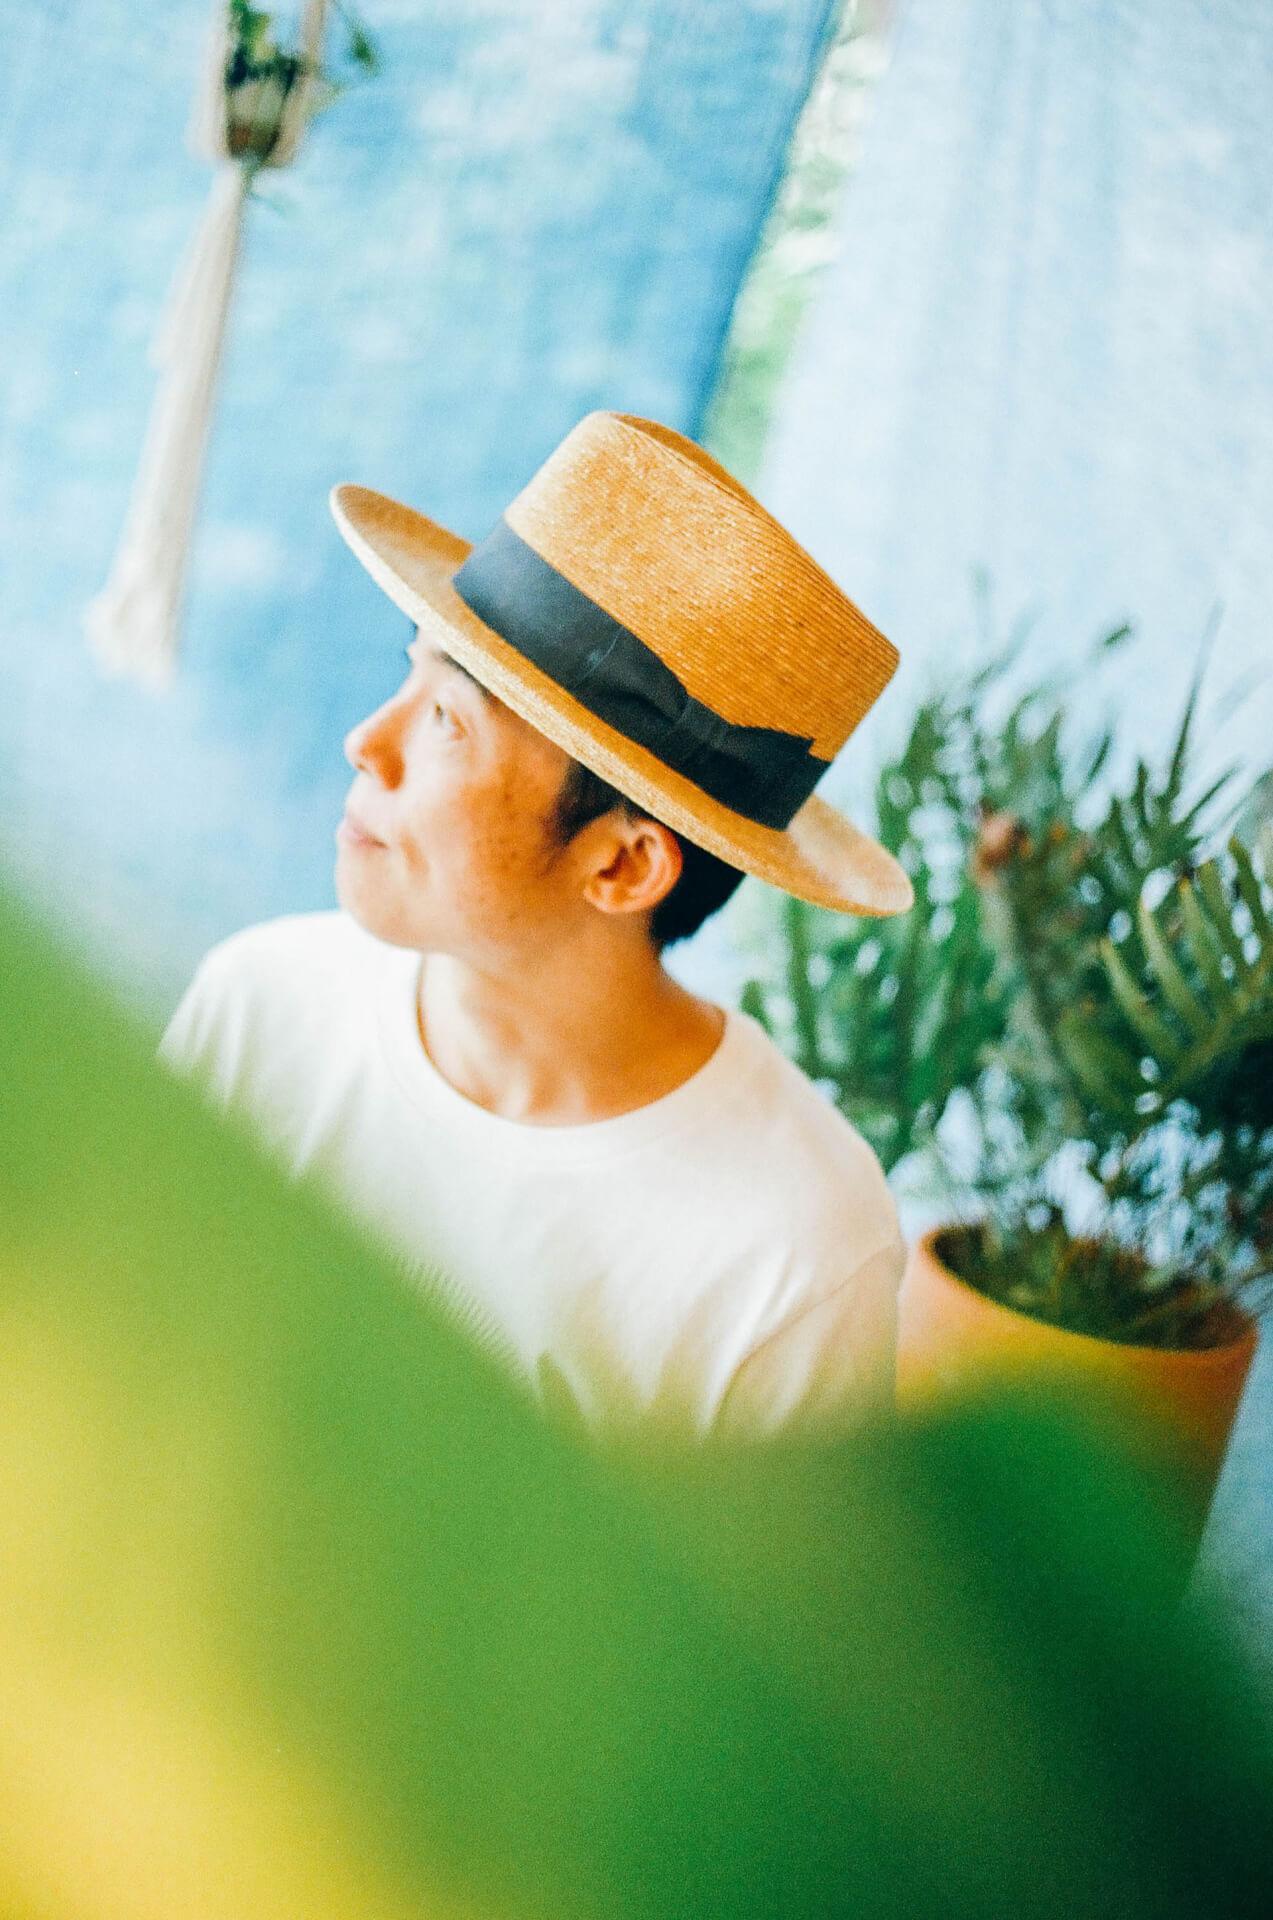 「旅」、「光」、「波動」   歌とディジュリドゥ、スタイルが異なる2人から浮かぶ共通項を探る━━対談:Caravan × GOMA interview210823_caravan-goma-08